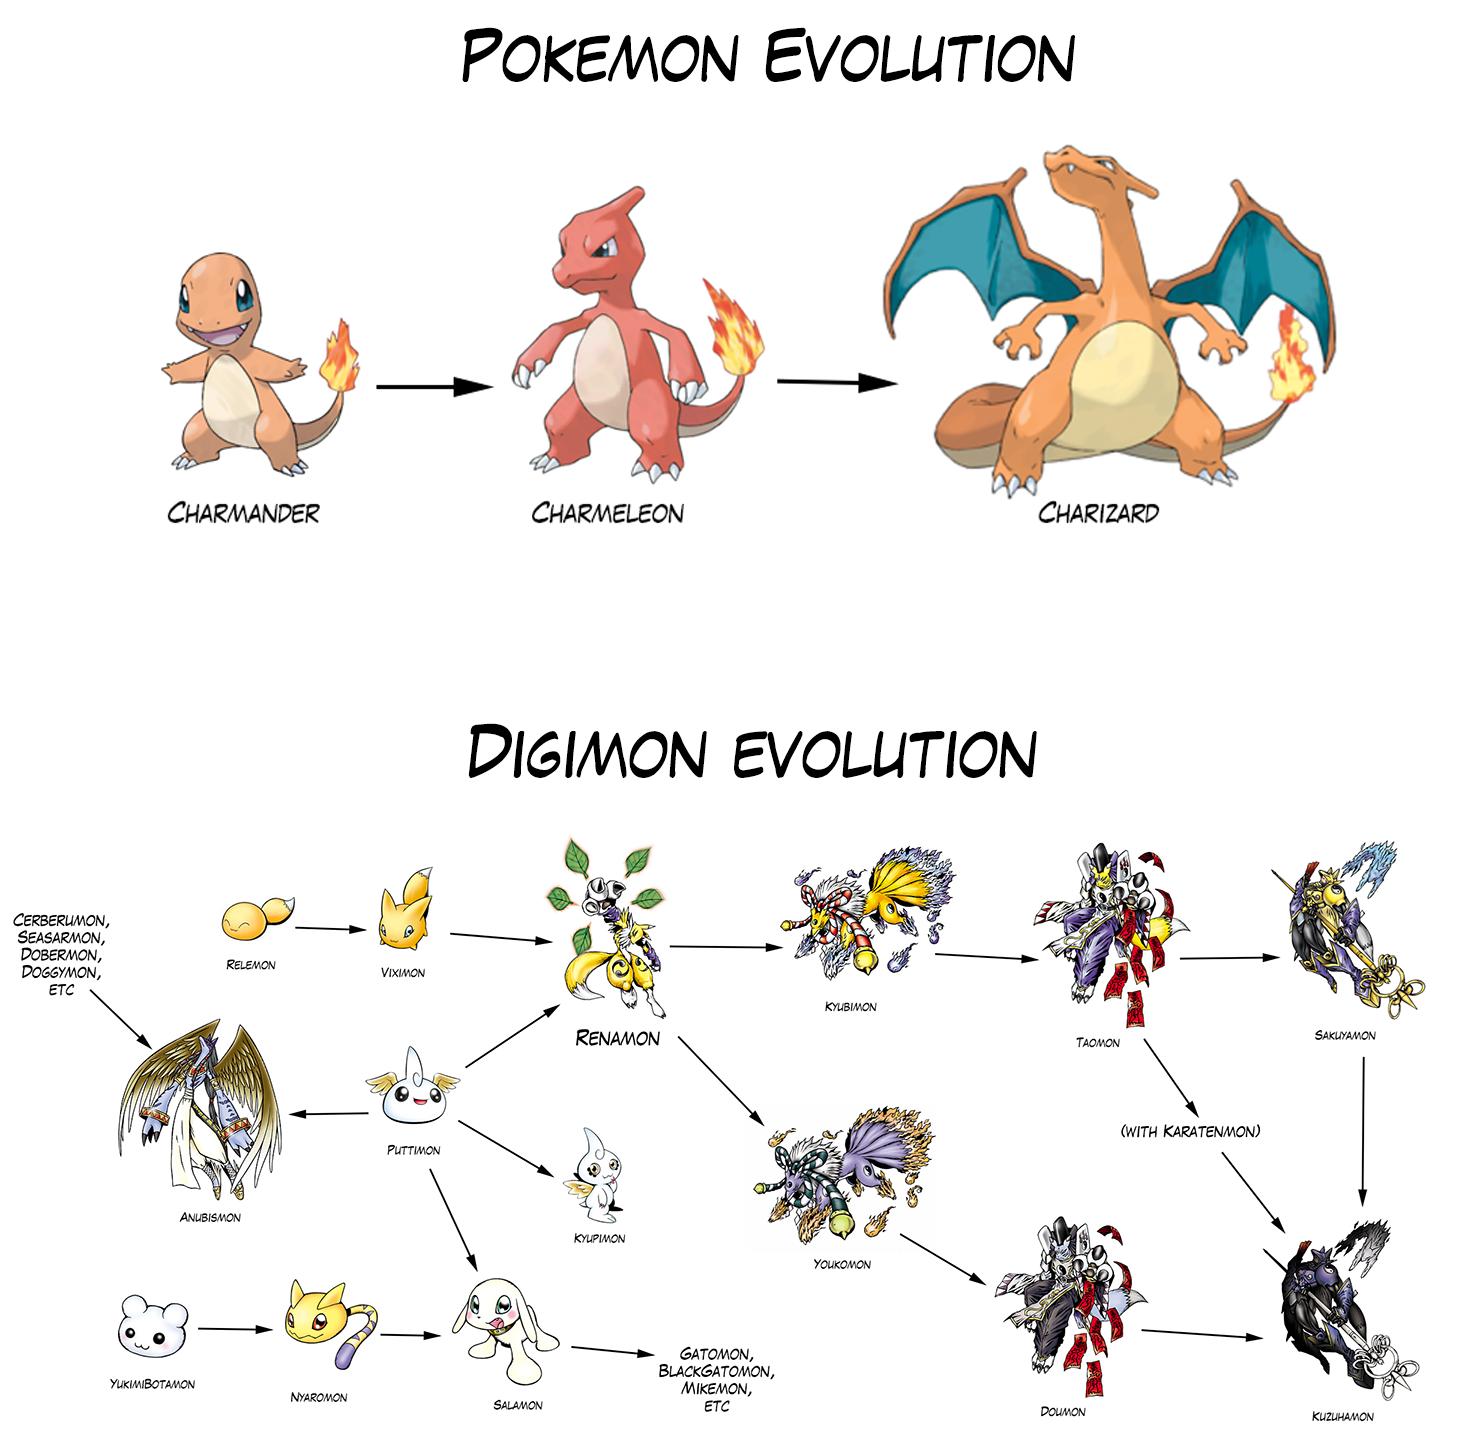 Pokemon evolution vs digimon evolution pokememes - X evolution pokemon ...